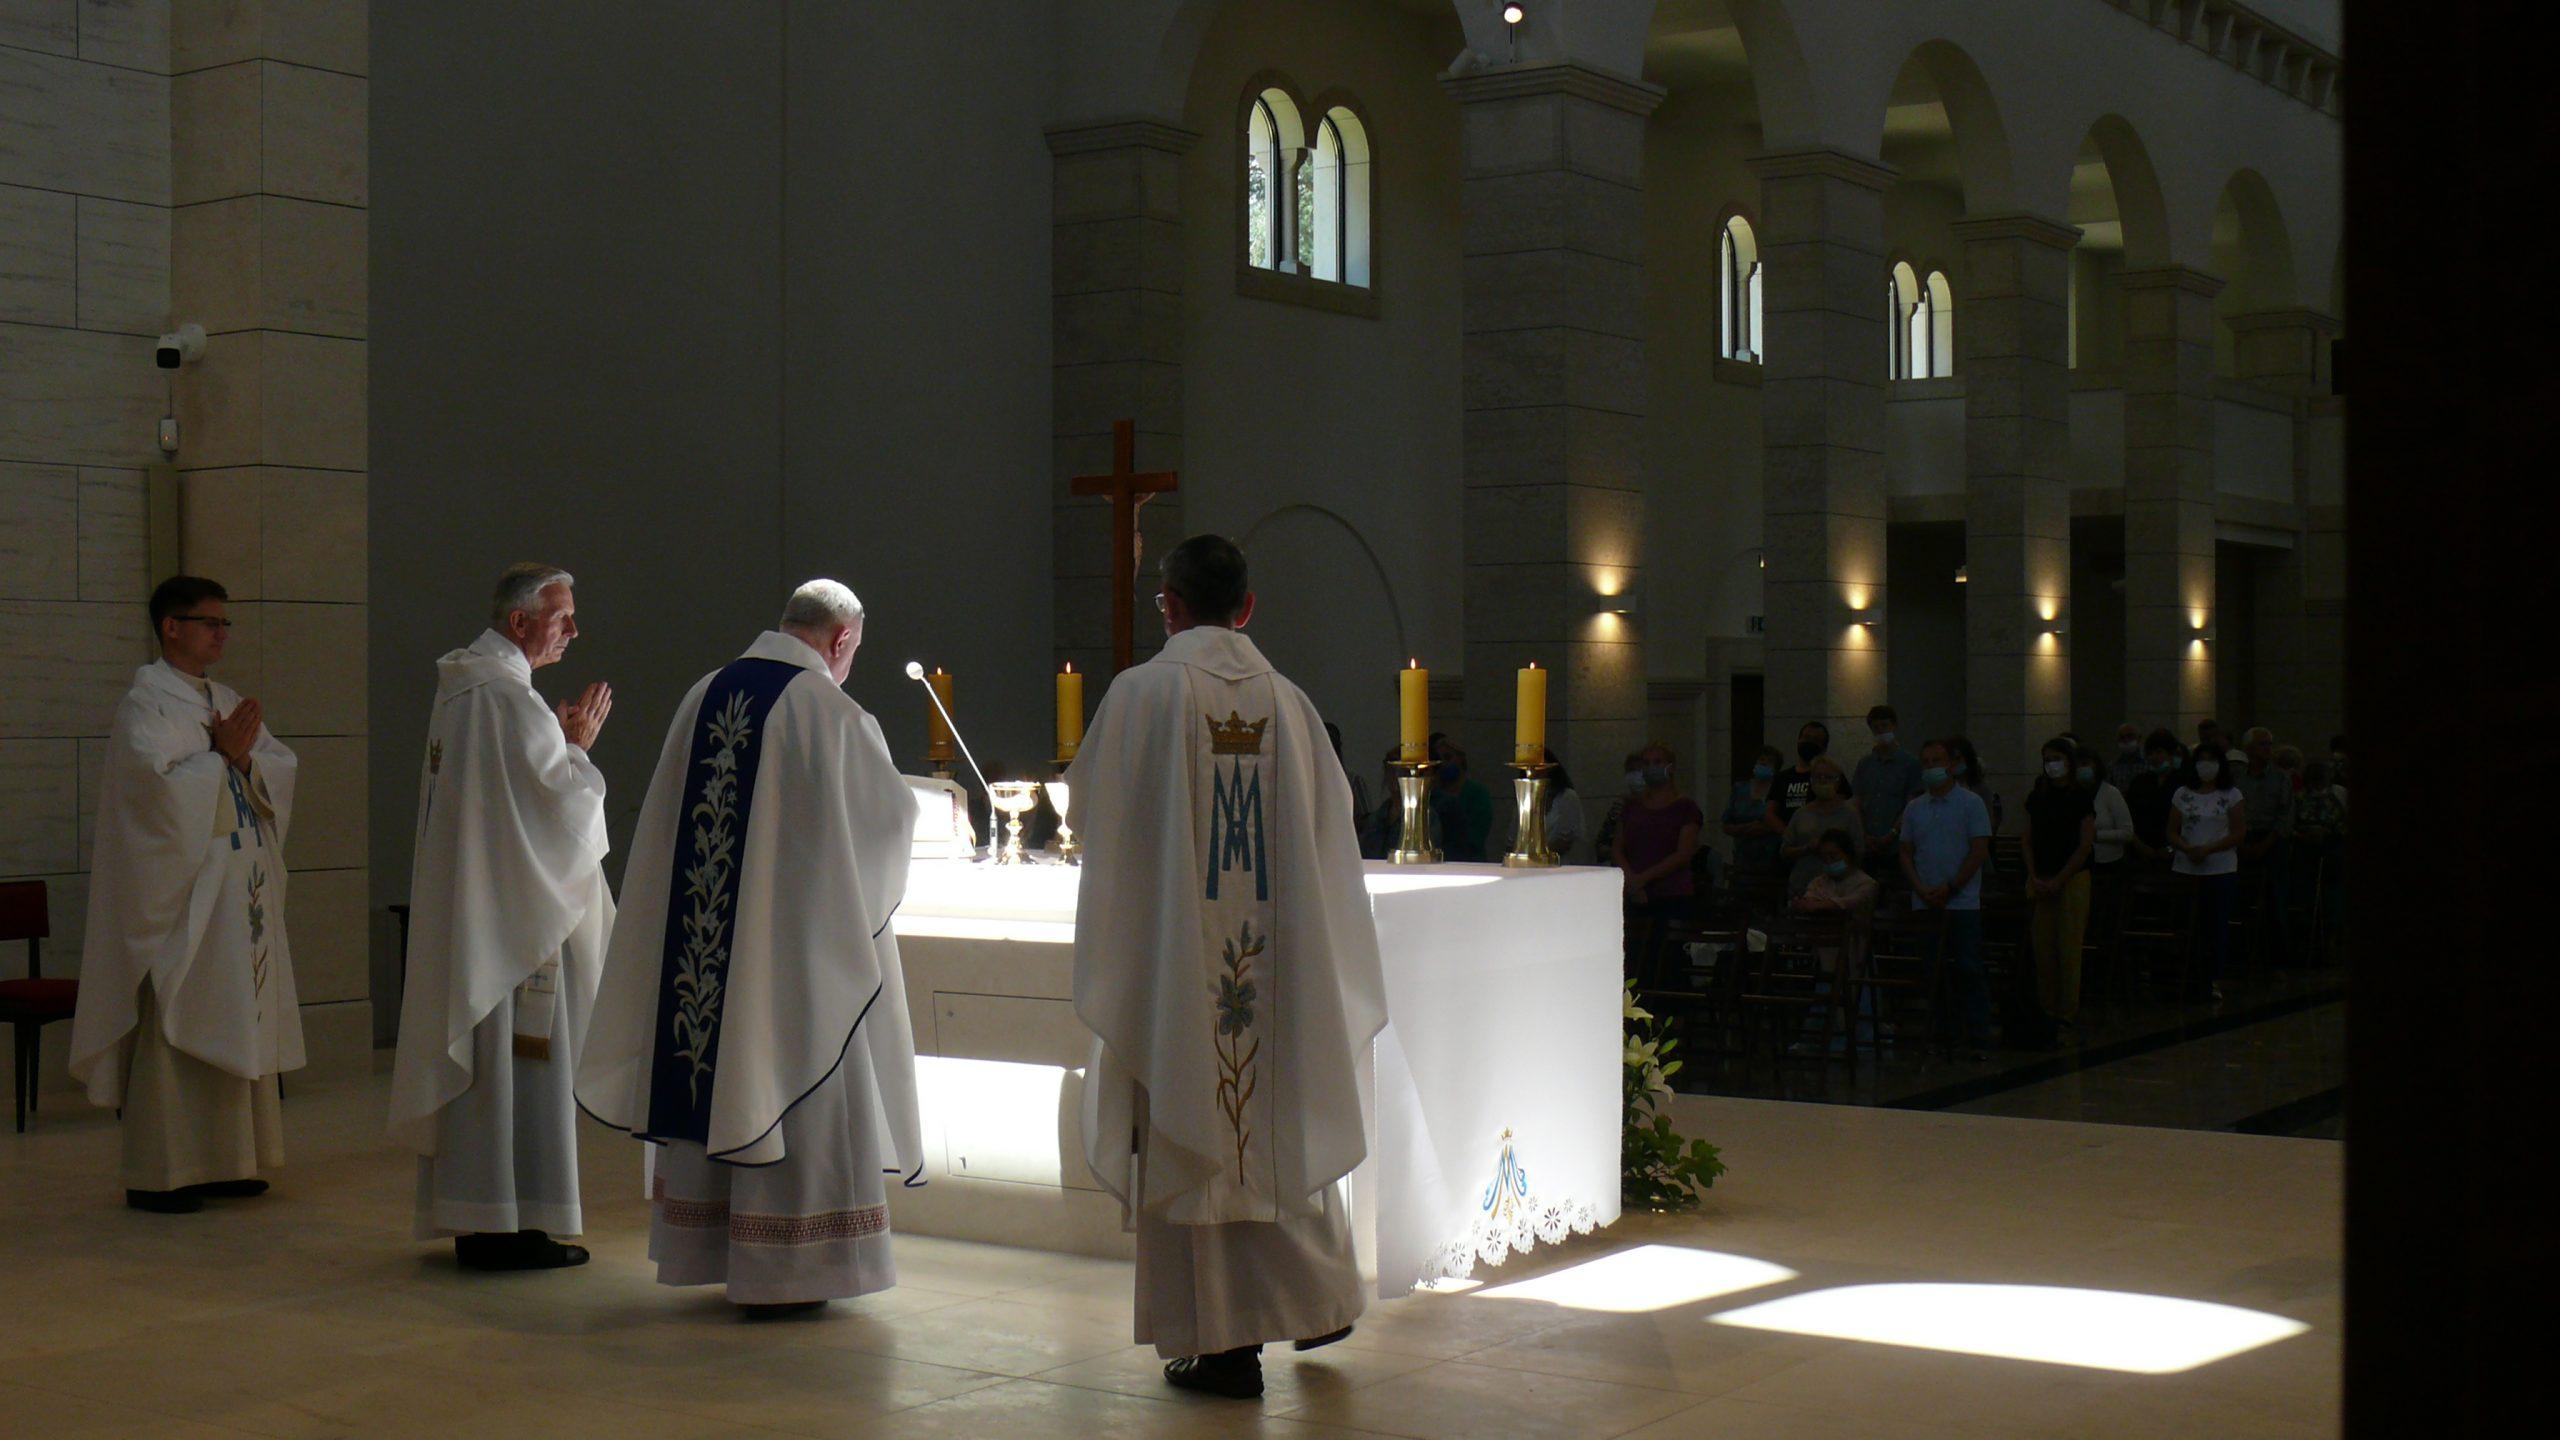 Sanktuarium Matki Bożej Loretań